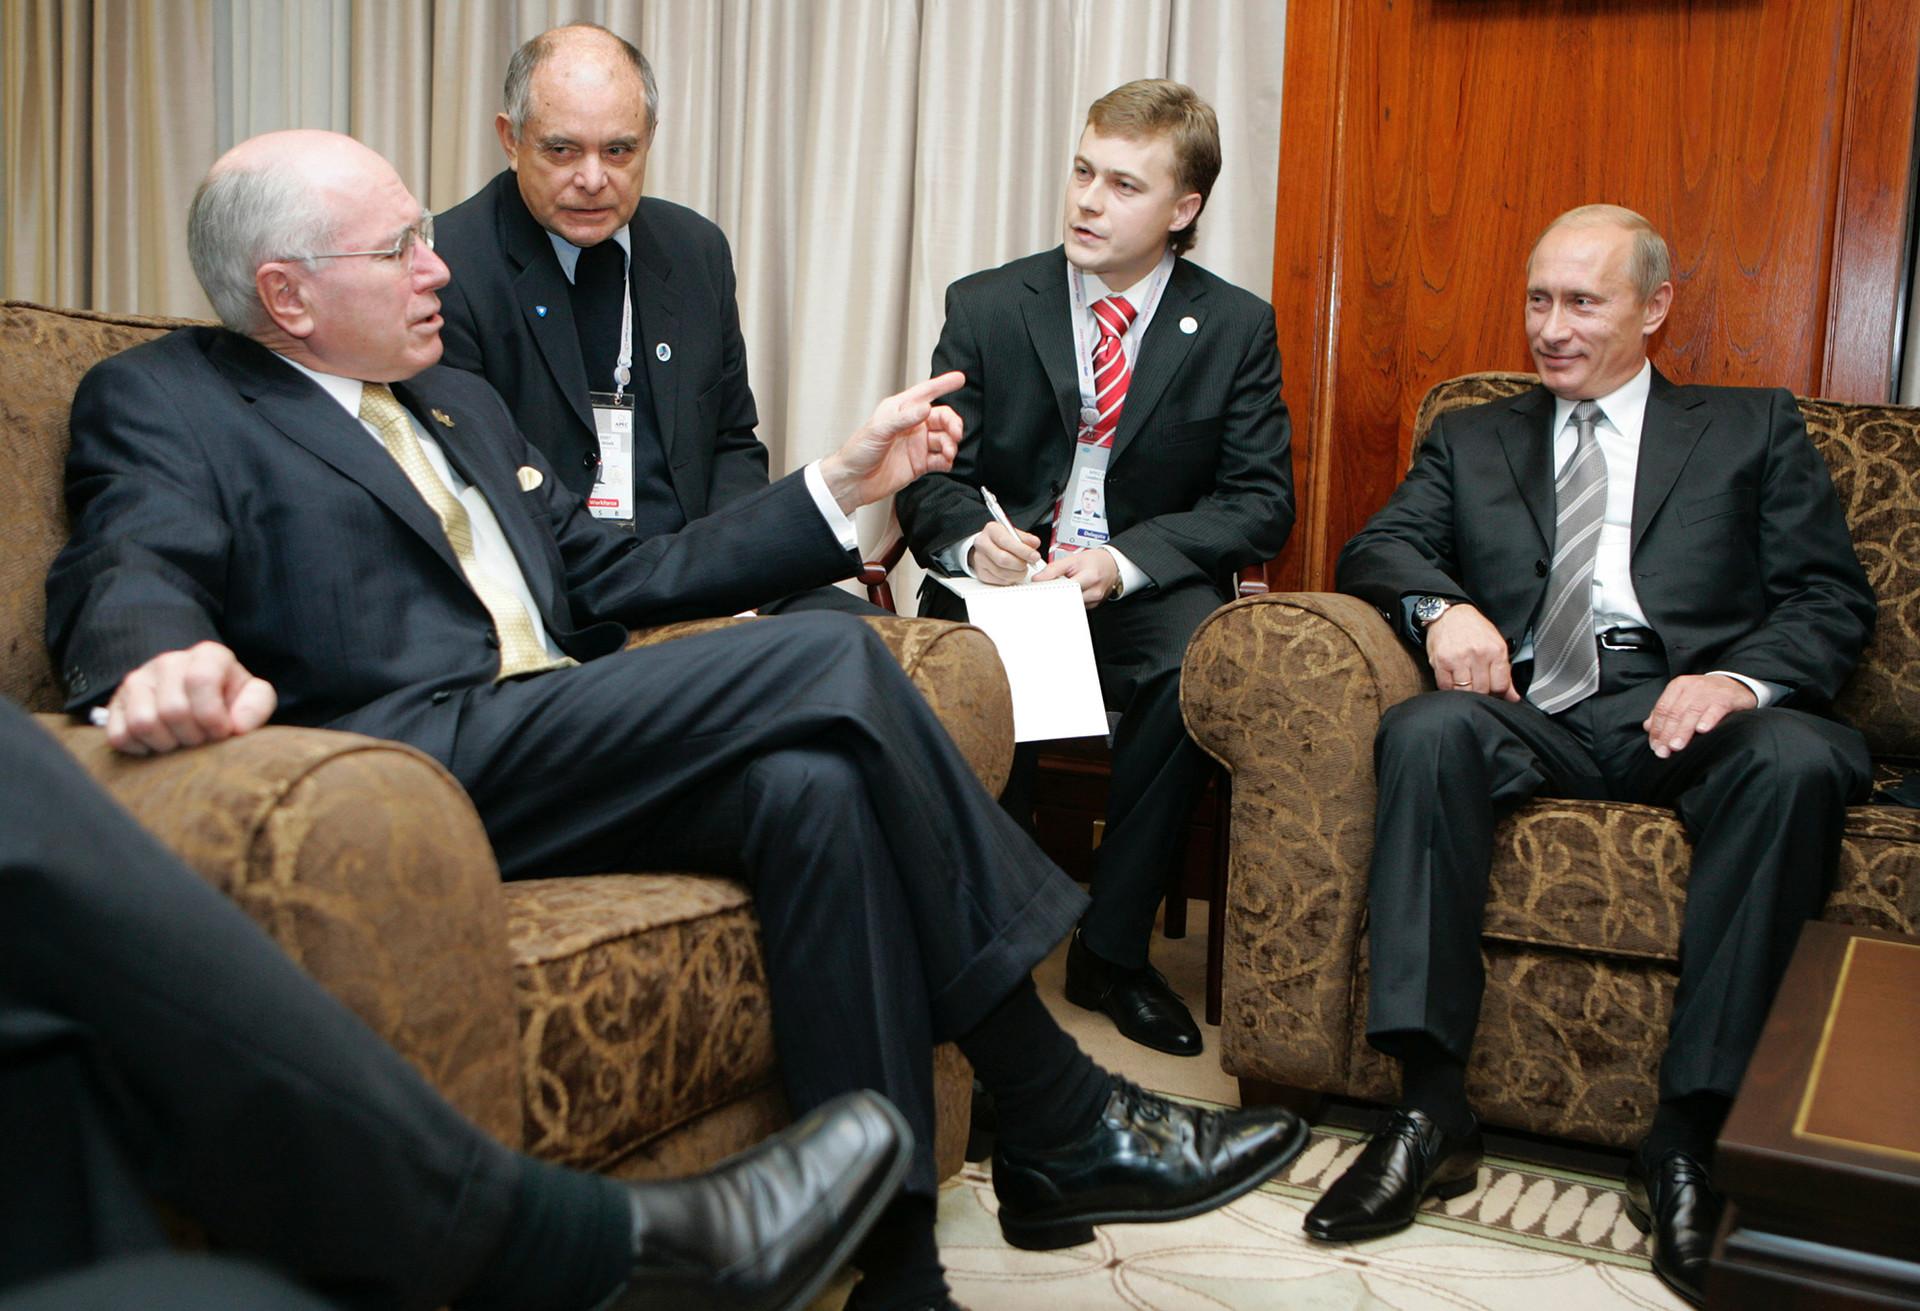 Le premier ministre australien John Winston Howard (à gauche) et le président russe Vladimir Poutine (à droite) en septembre 2007.